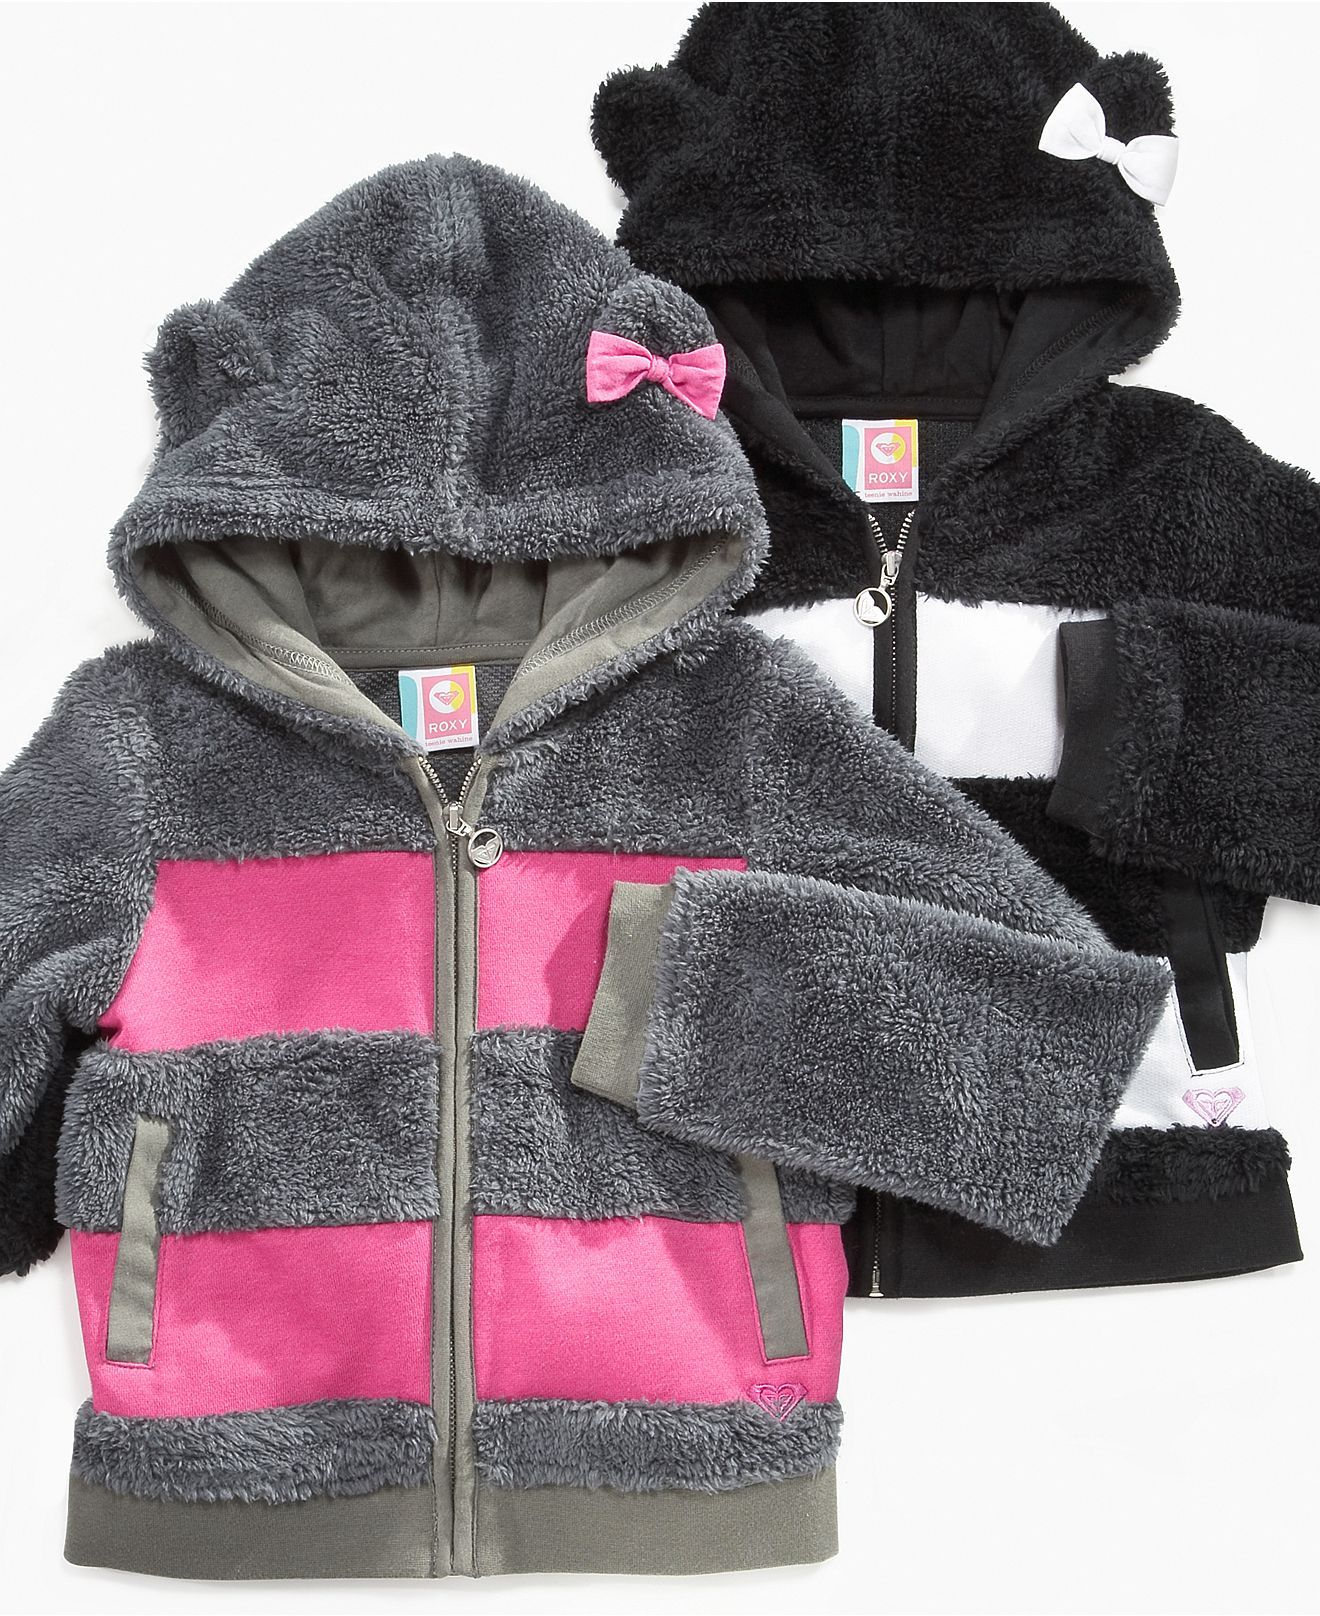 Roxy Little Girls Hoo Kids Clothes Pinterest